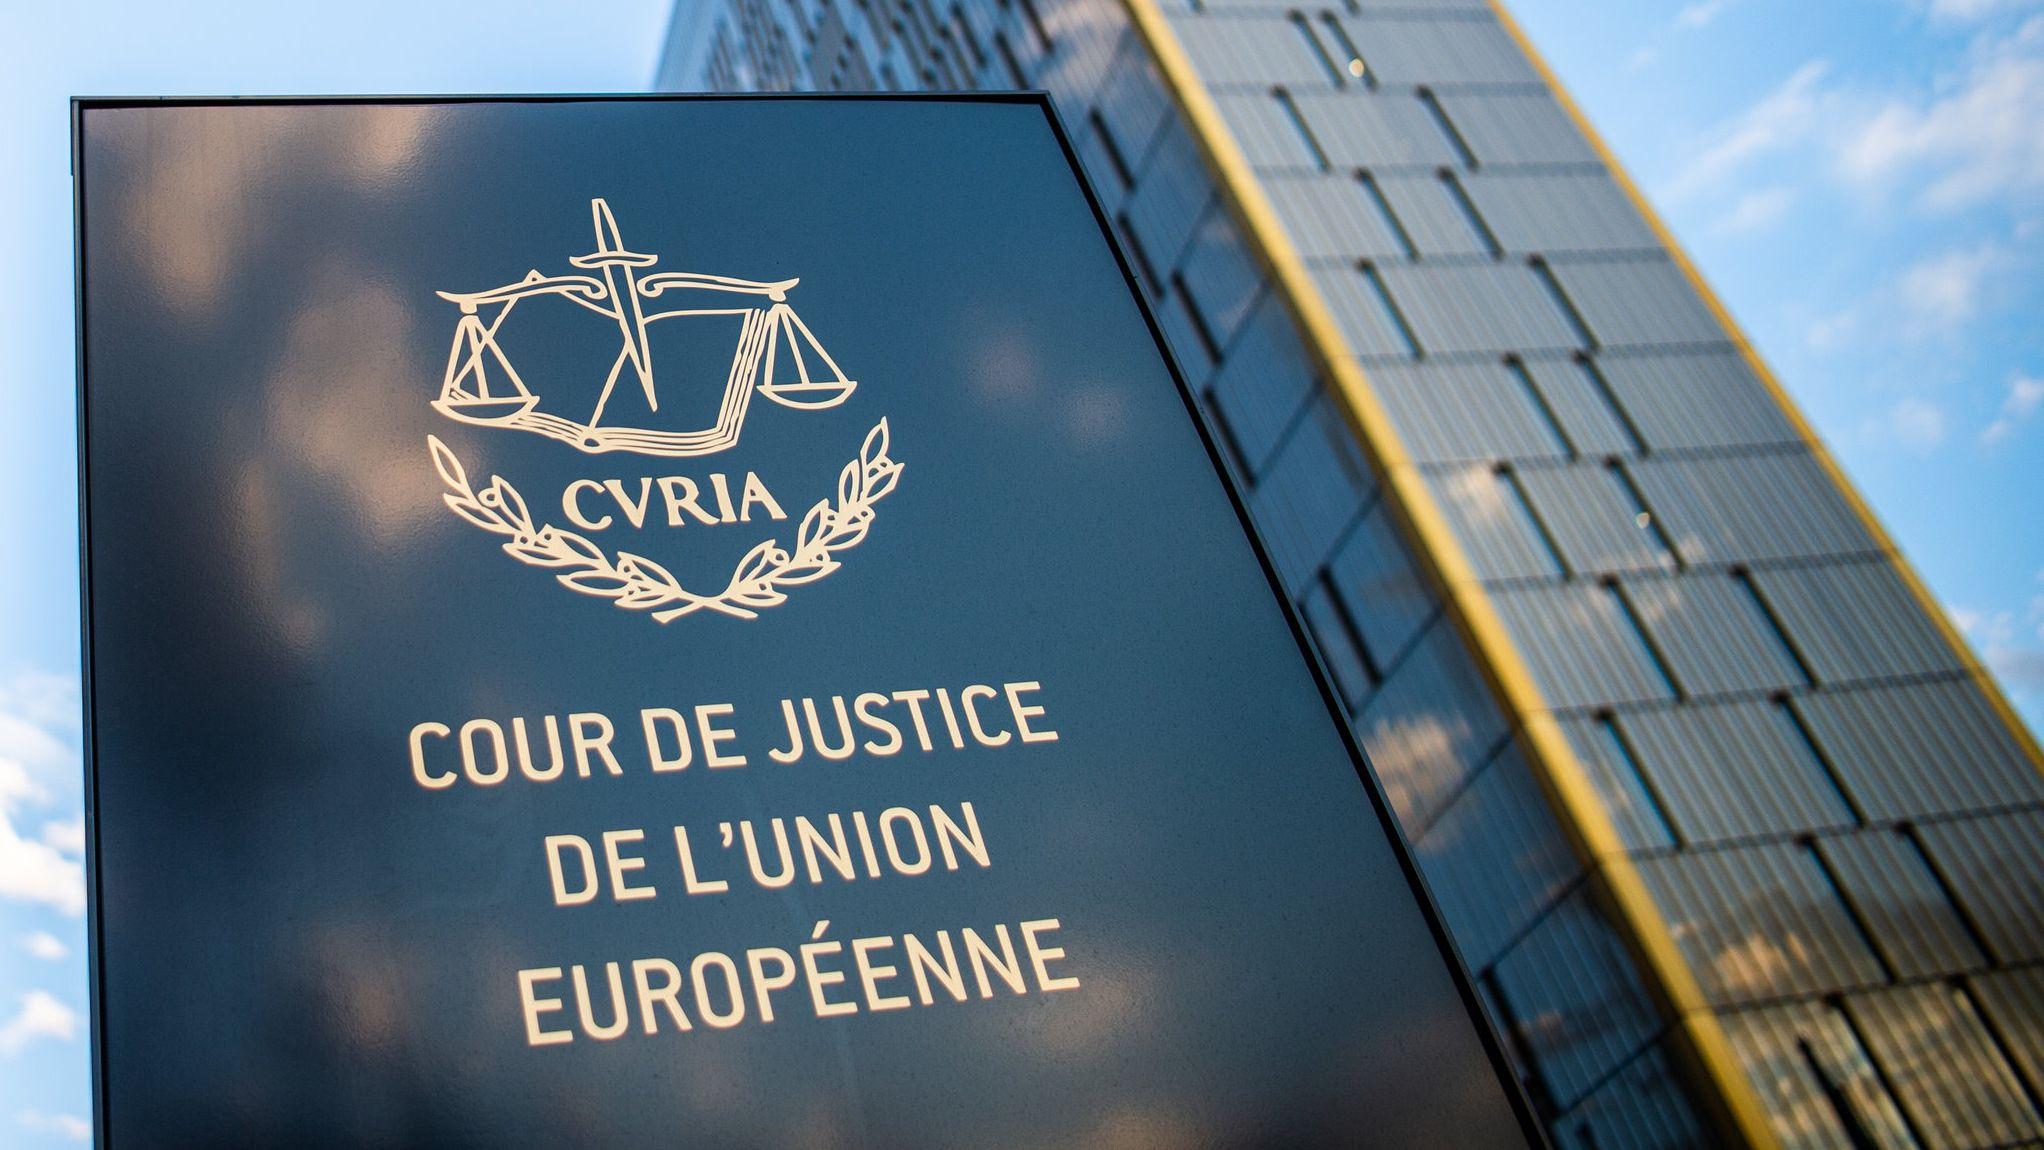 Der Europäische Gerichtshof (EuGH) in Luxemburg. Zu sehen ist ein Schild und im Hintergrund eines der drei großen Gerichtsgebäude.